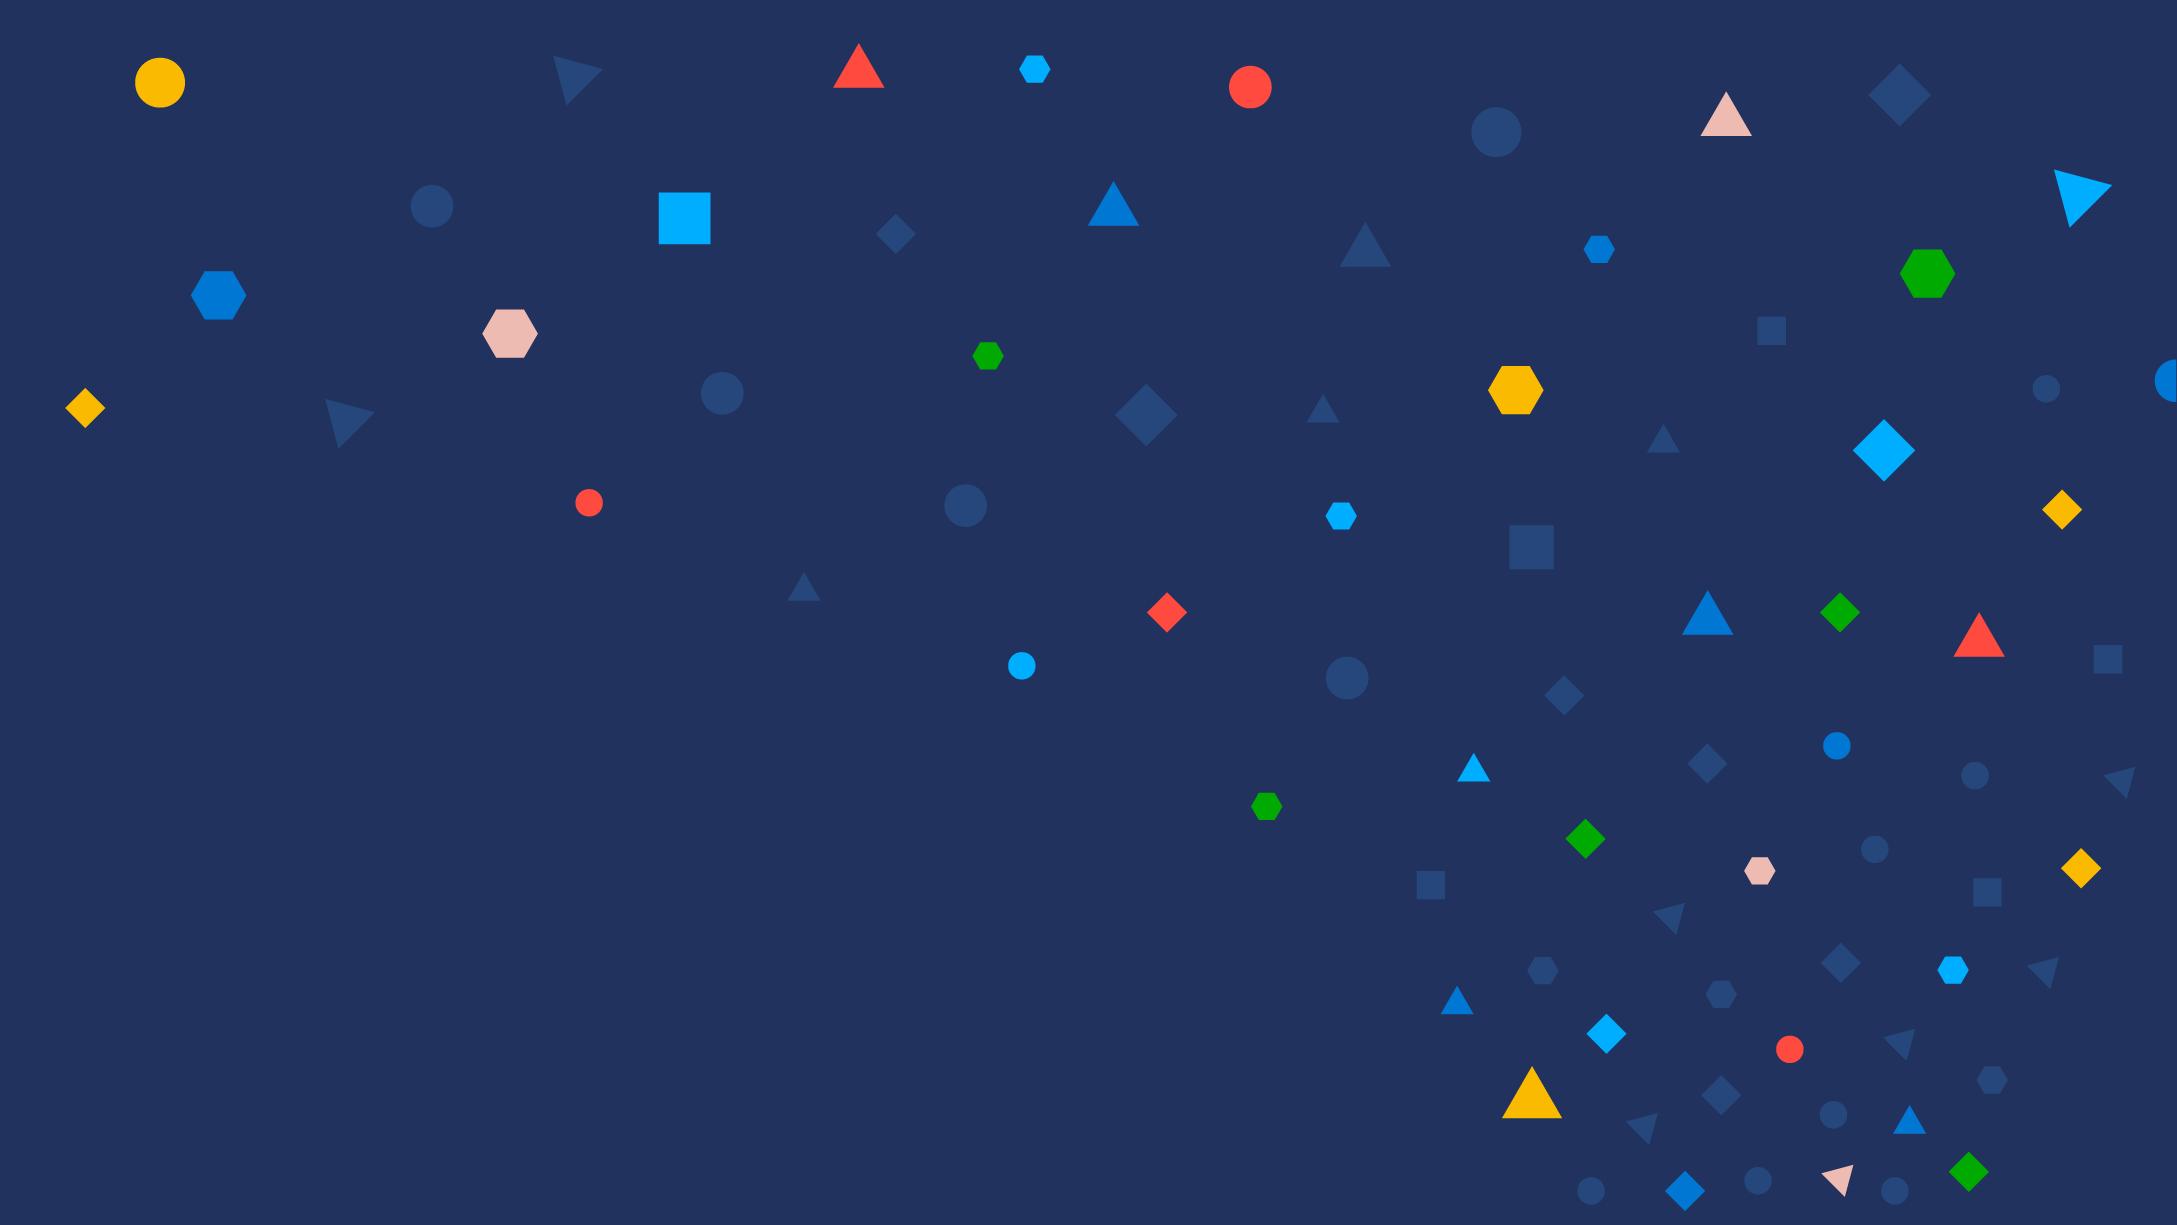 Dark blue background with colored confetti